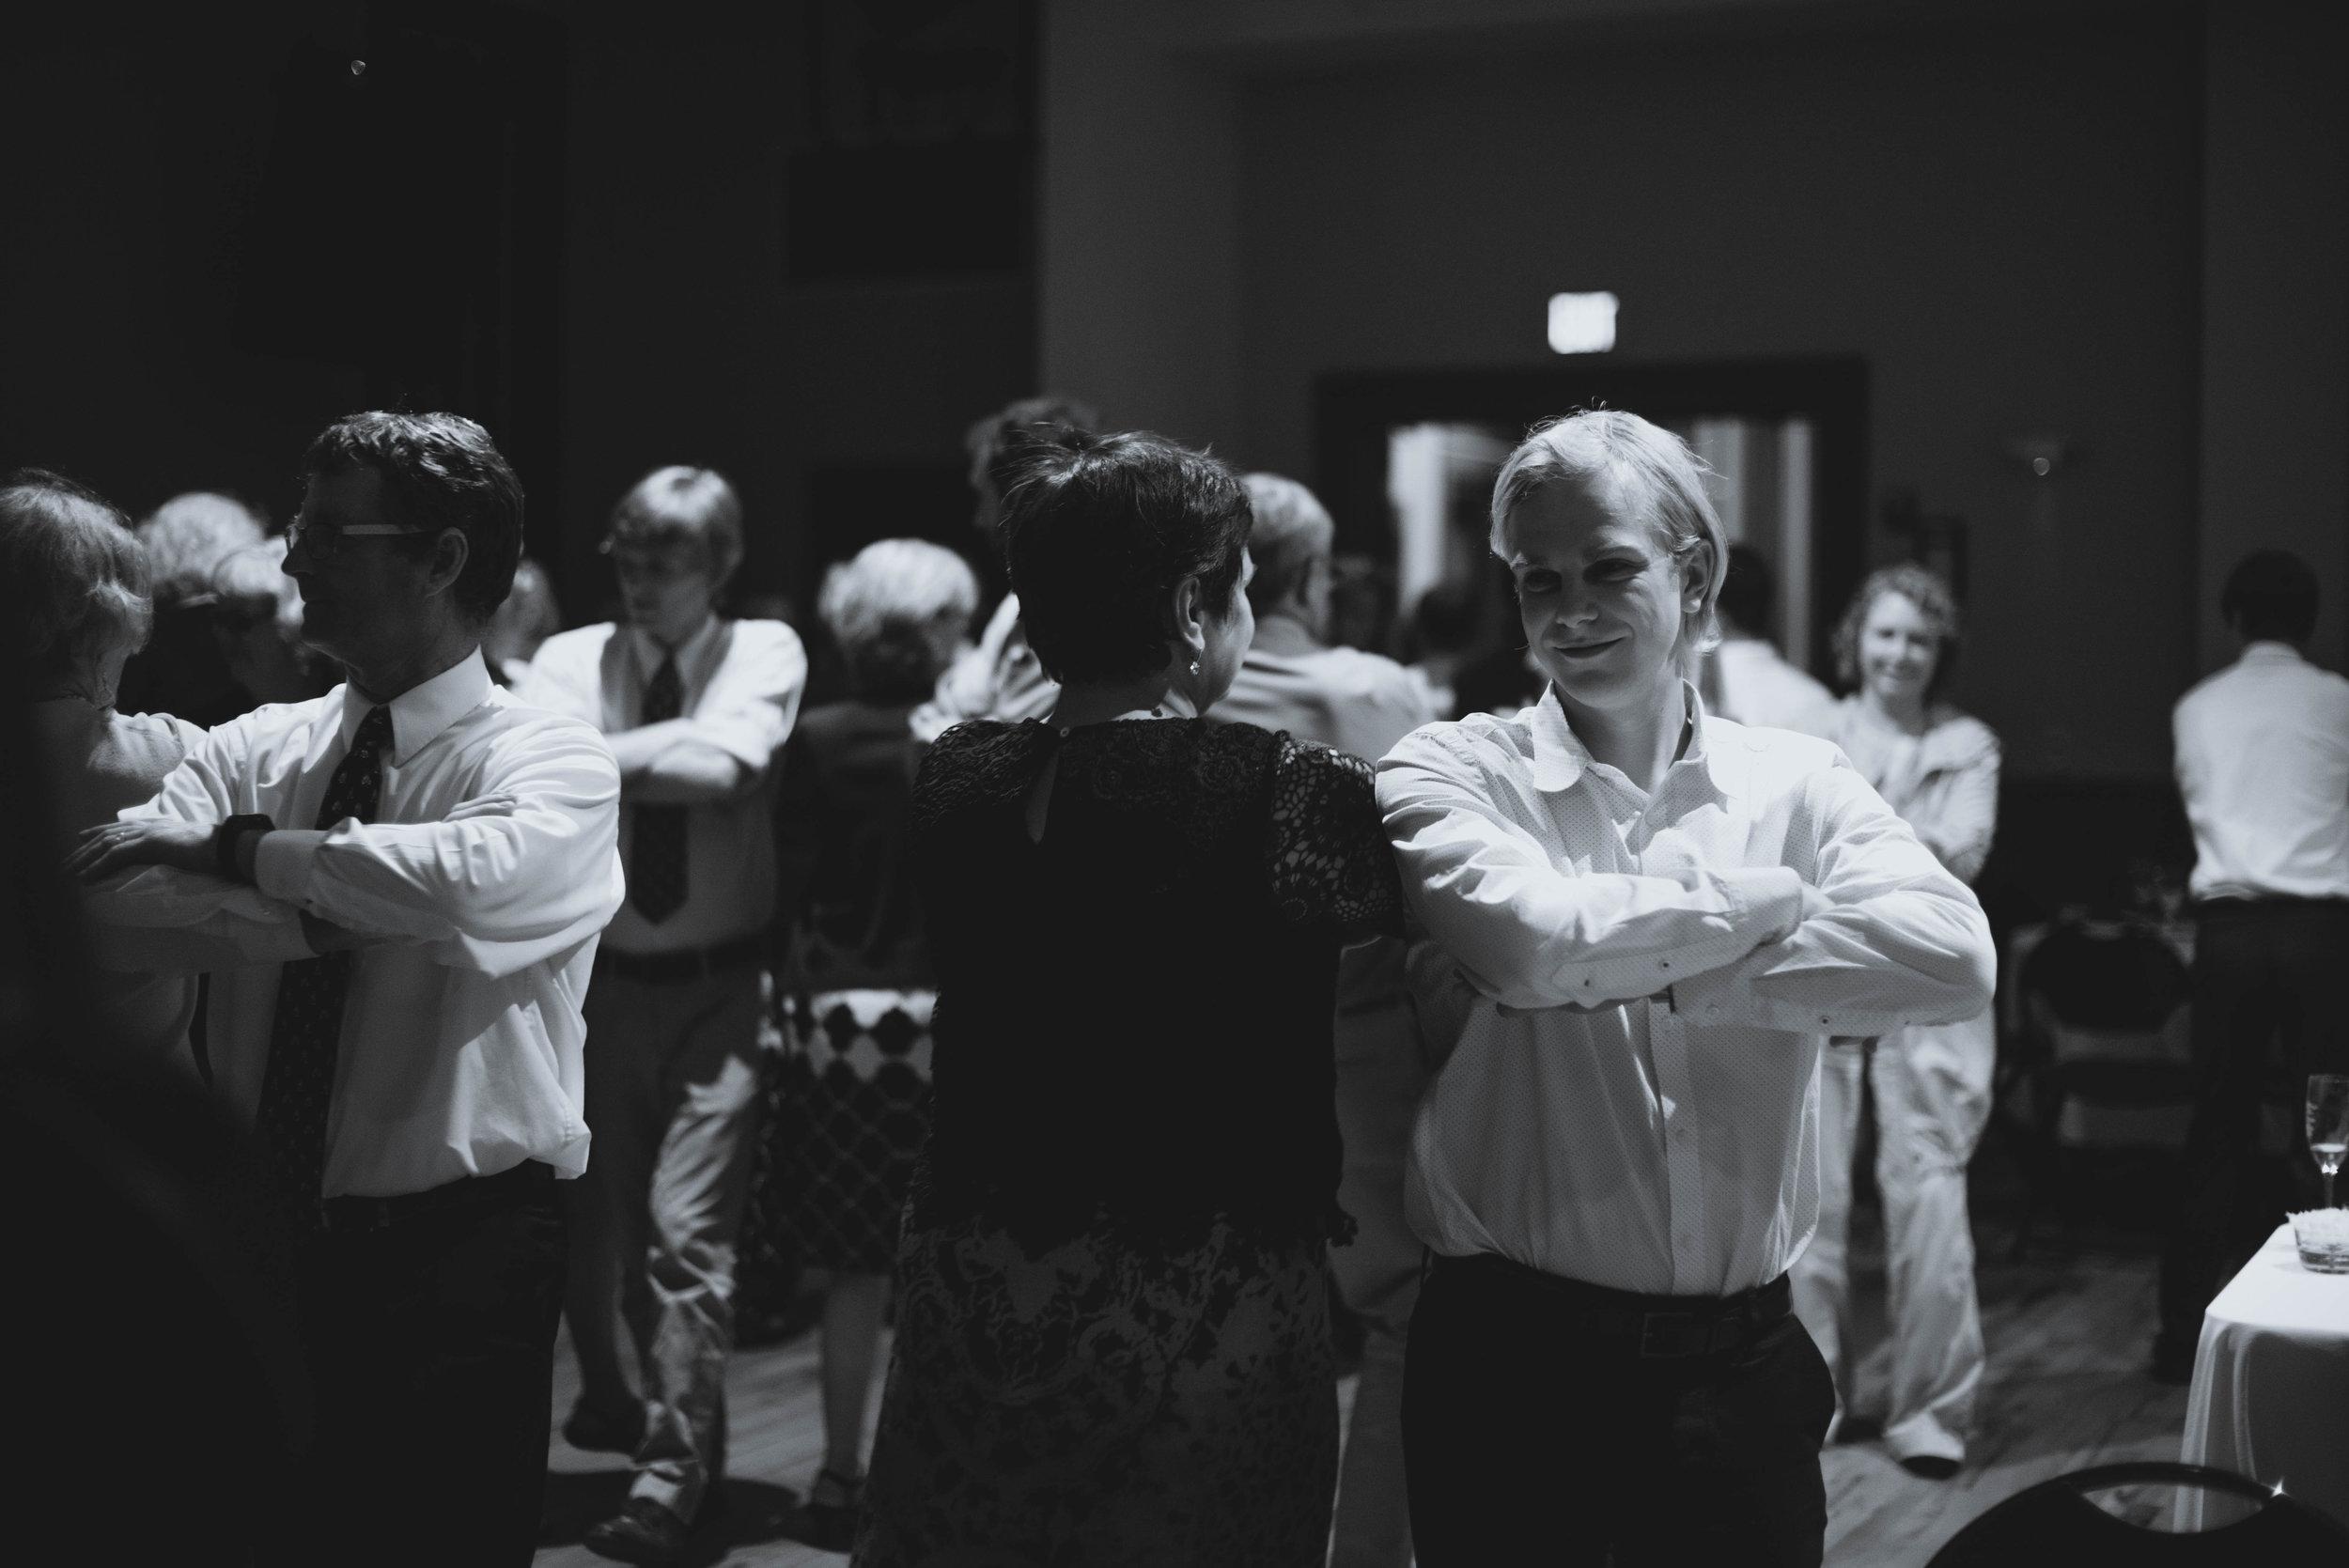 06.Dancing-0569.jpg